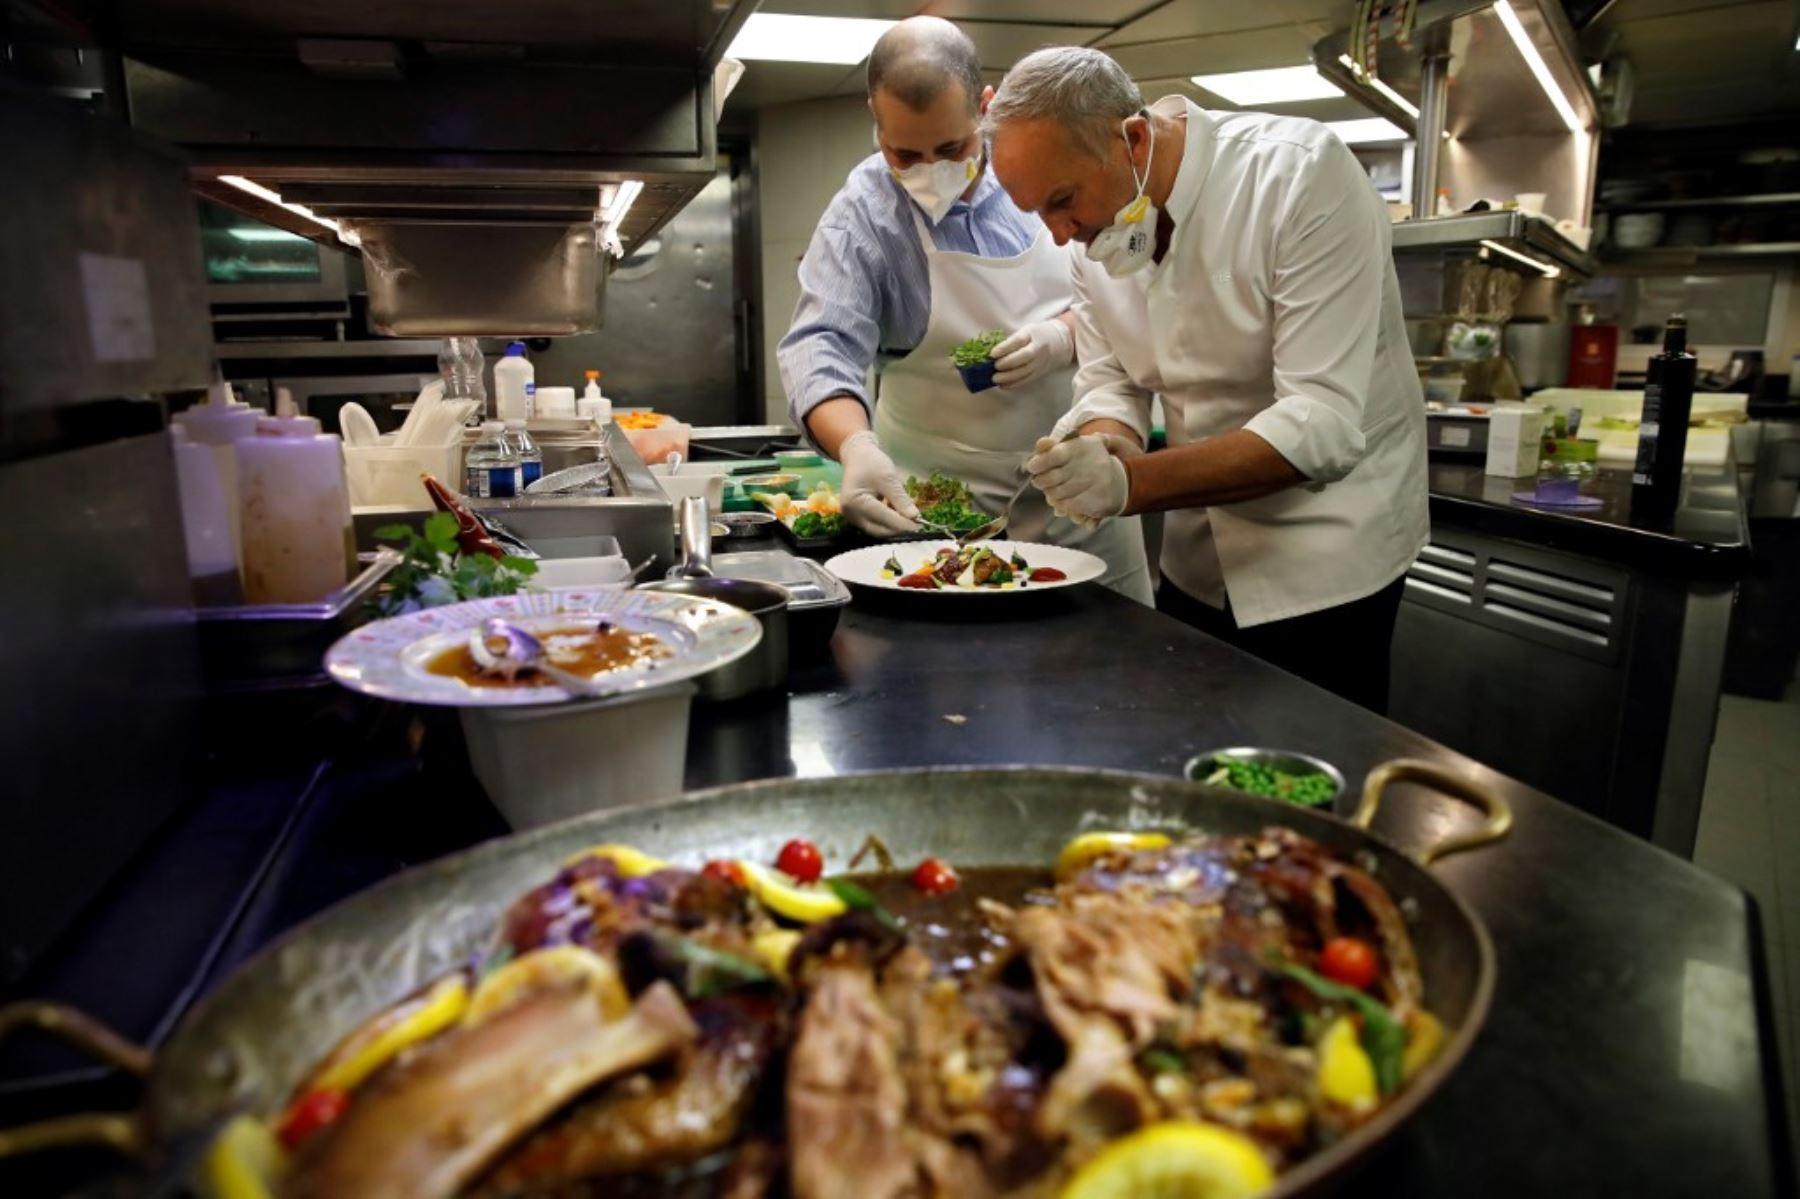 """El chef francés de 3 estrellas Christian Le Squer y el chef de una estrella Alan Taudon cocinan para empleados de un hospital parisino en la cocina del restaurante """"Le Cinq"""" en el hotel Four Season George V Palace en París. Foto: AFP"""